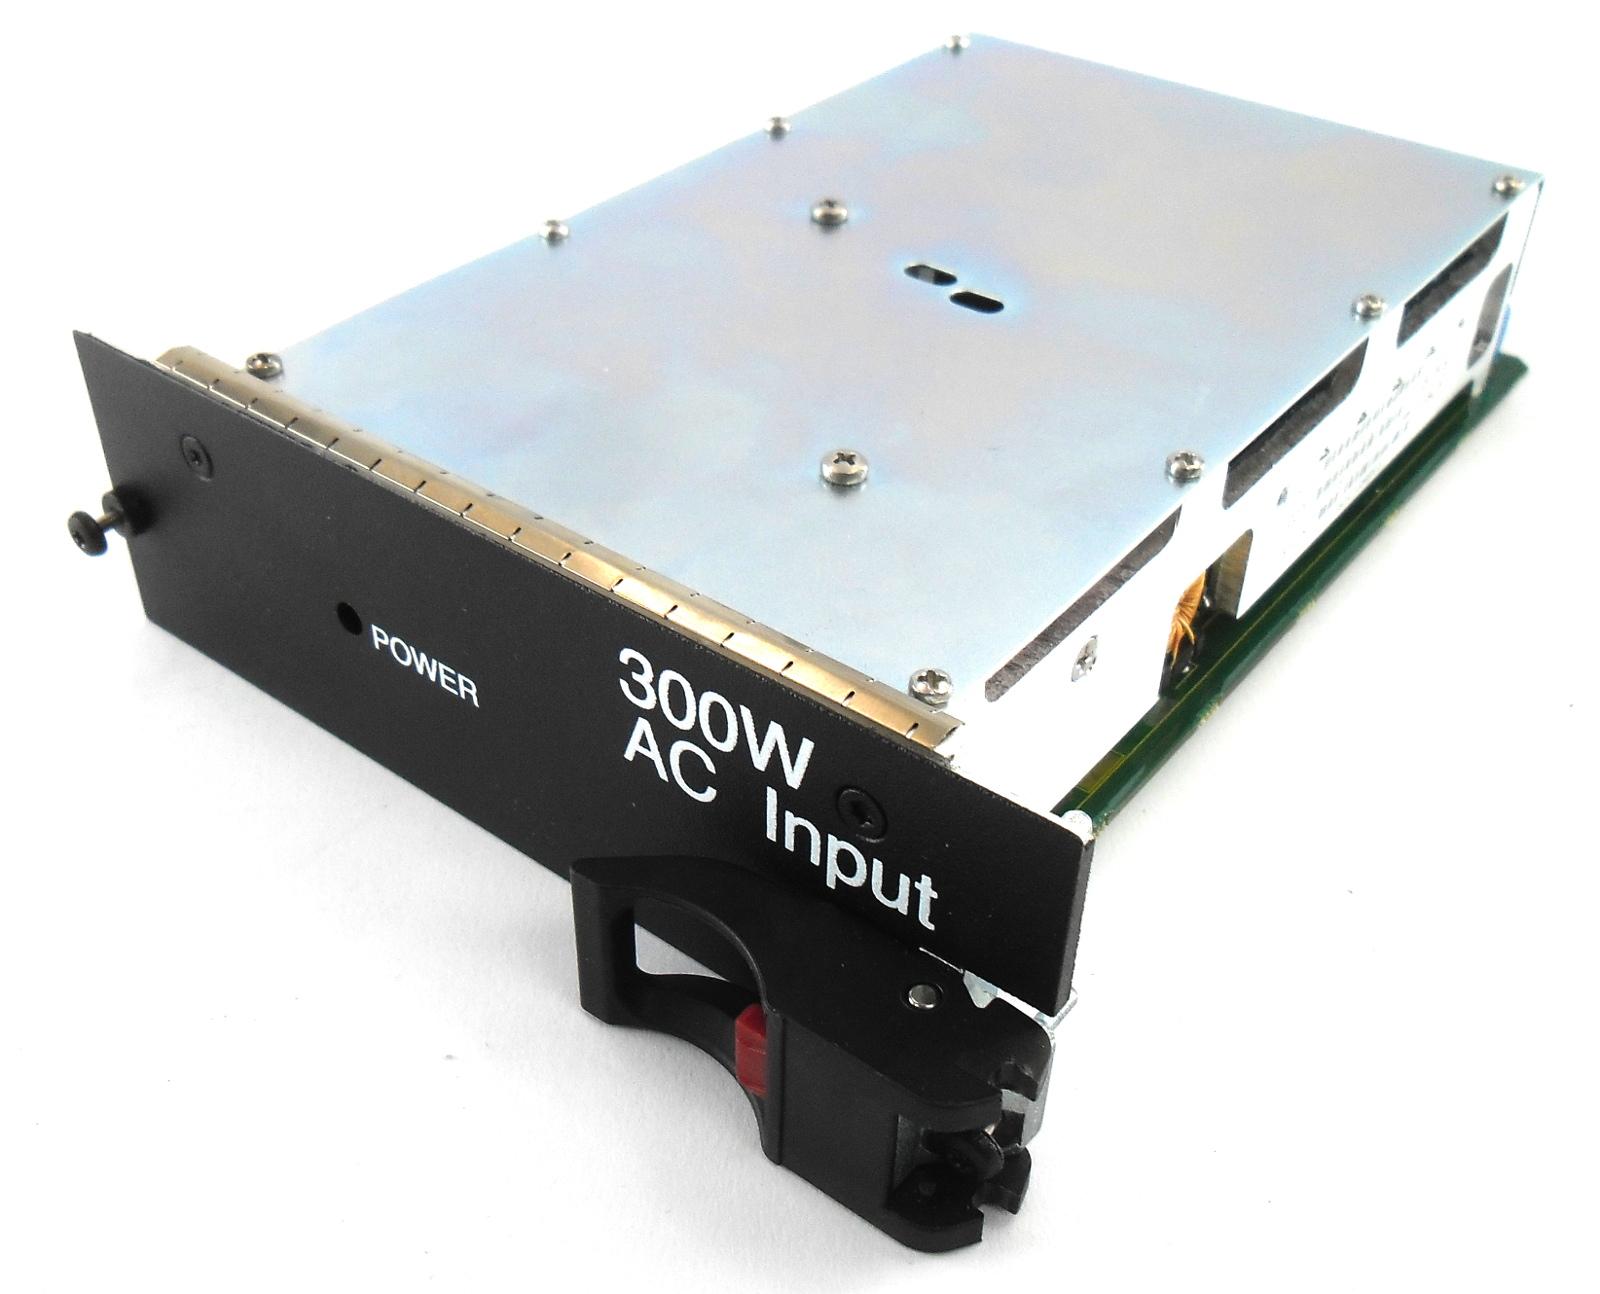 Telkoor CompactPCI Digital Rack Mount Power supply CPCIac-3U-300 900-4002-50